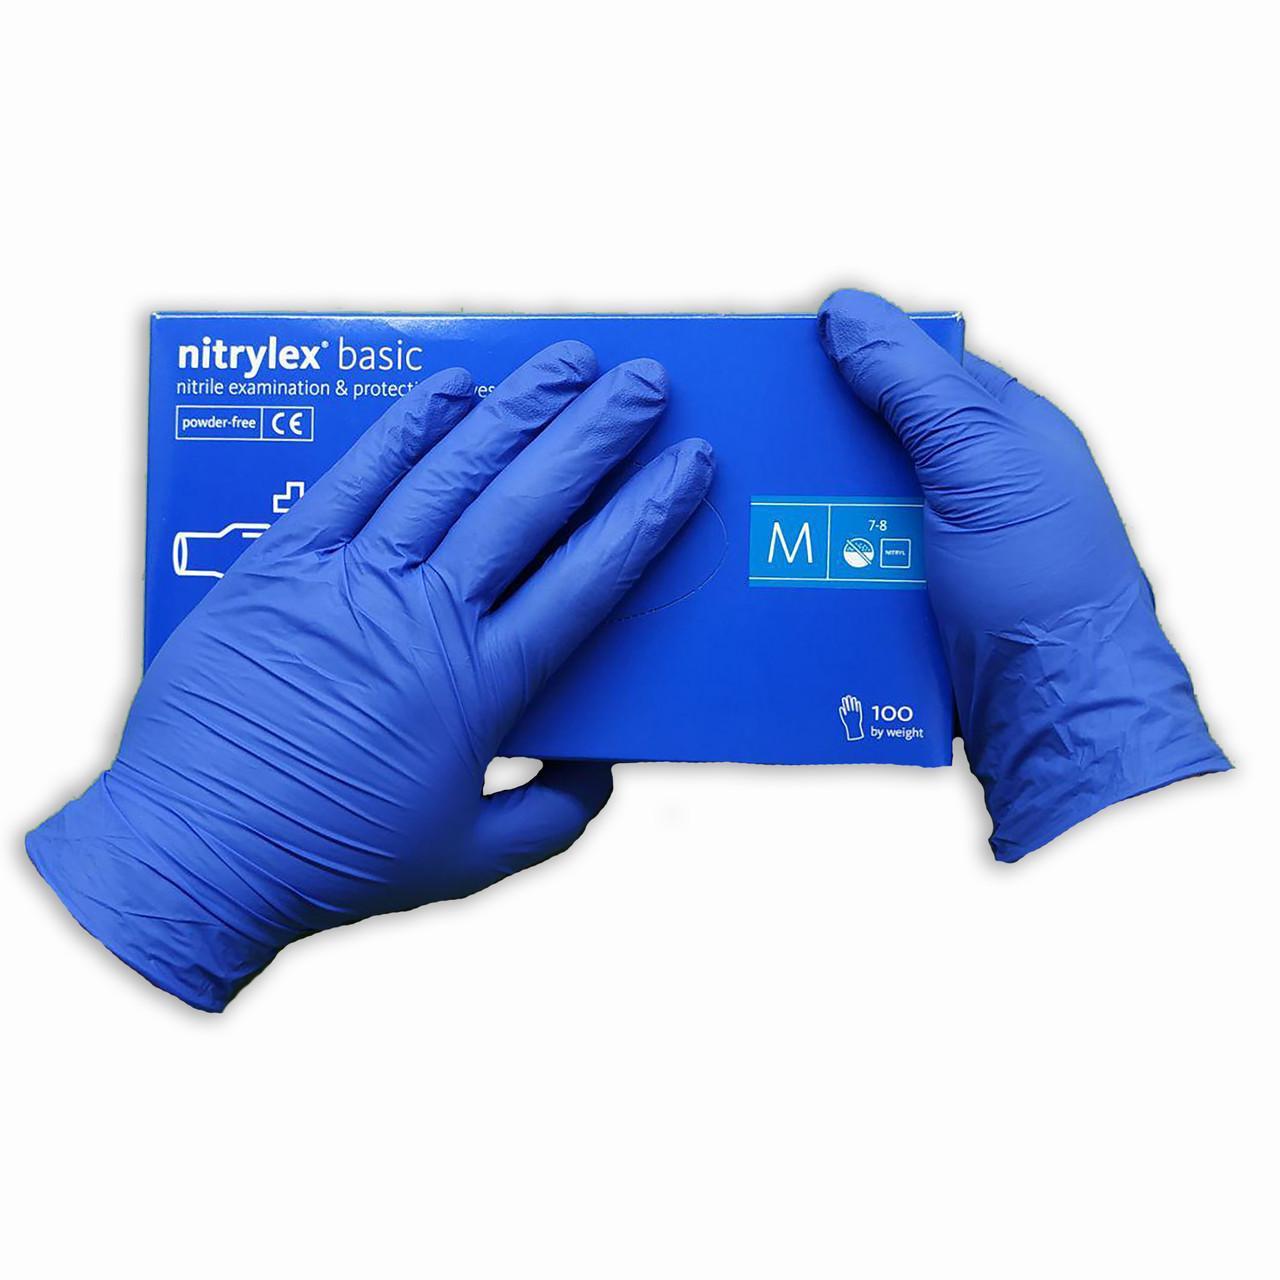 Перчатки нитриловые Nitrylex Basic   одноразовые  нестерильные 100 шт  размер  M синие